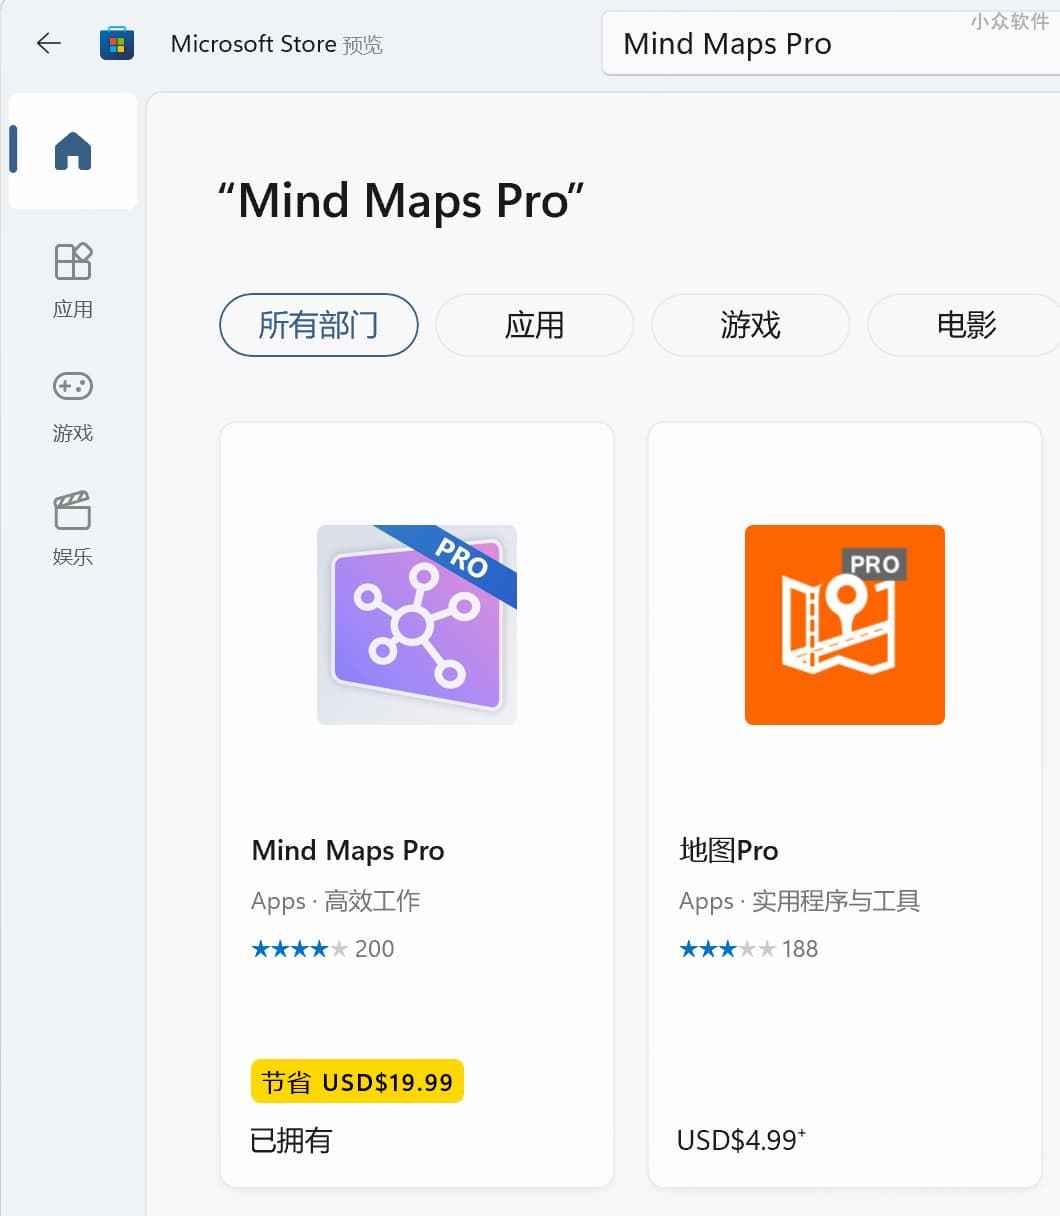 Mind Maps Pro 限免,专业思维导图工具,原价 144 元[Windows] 2